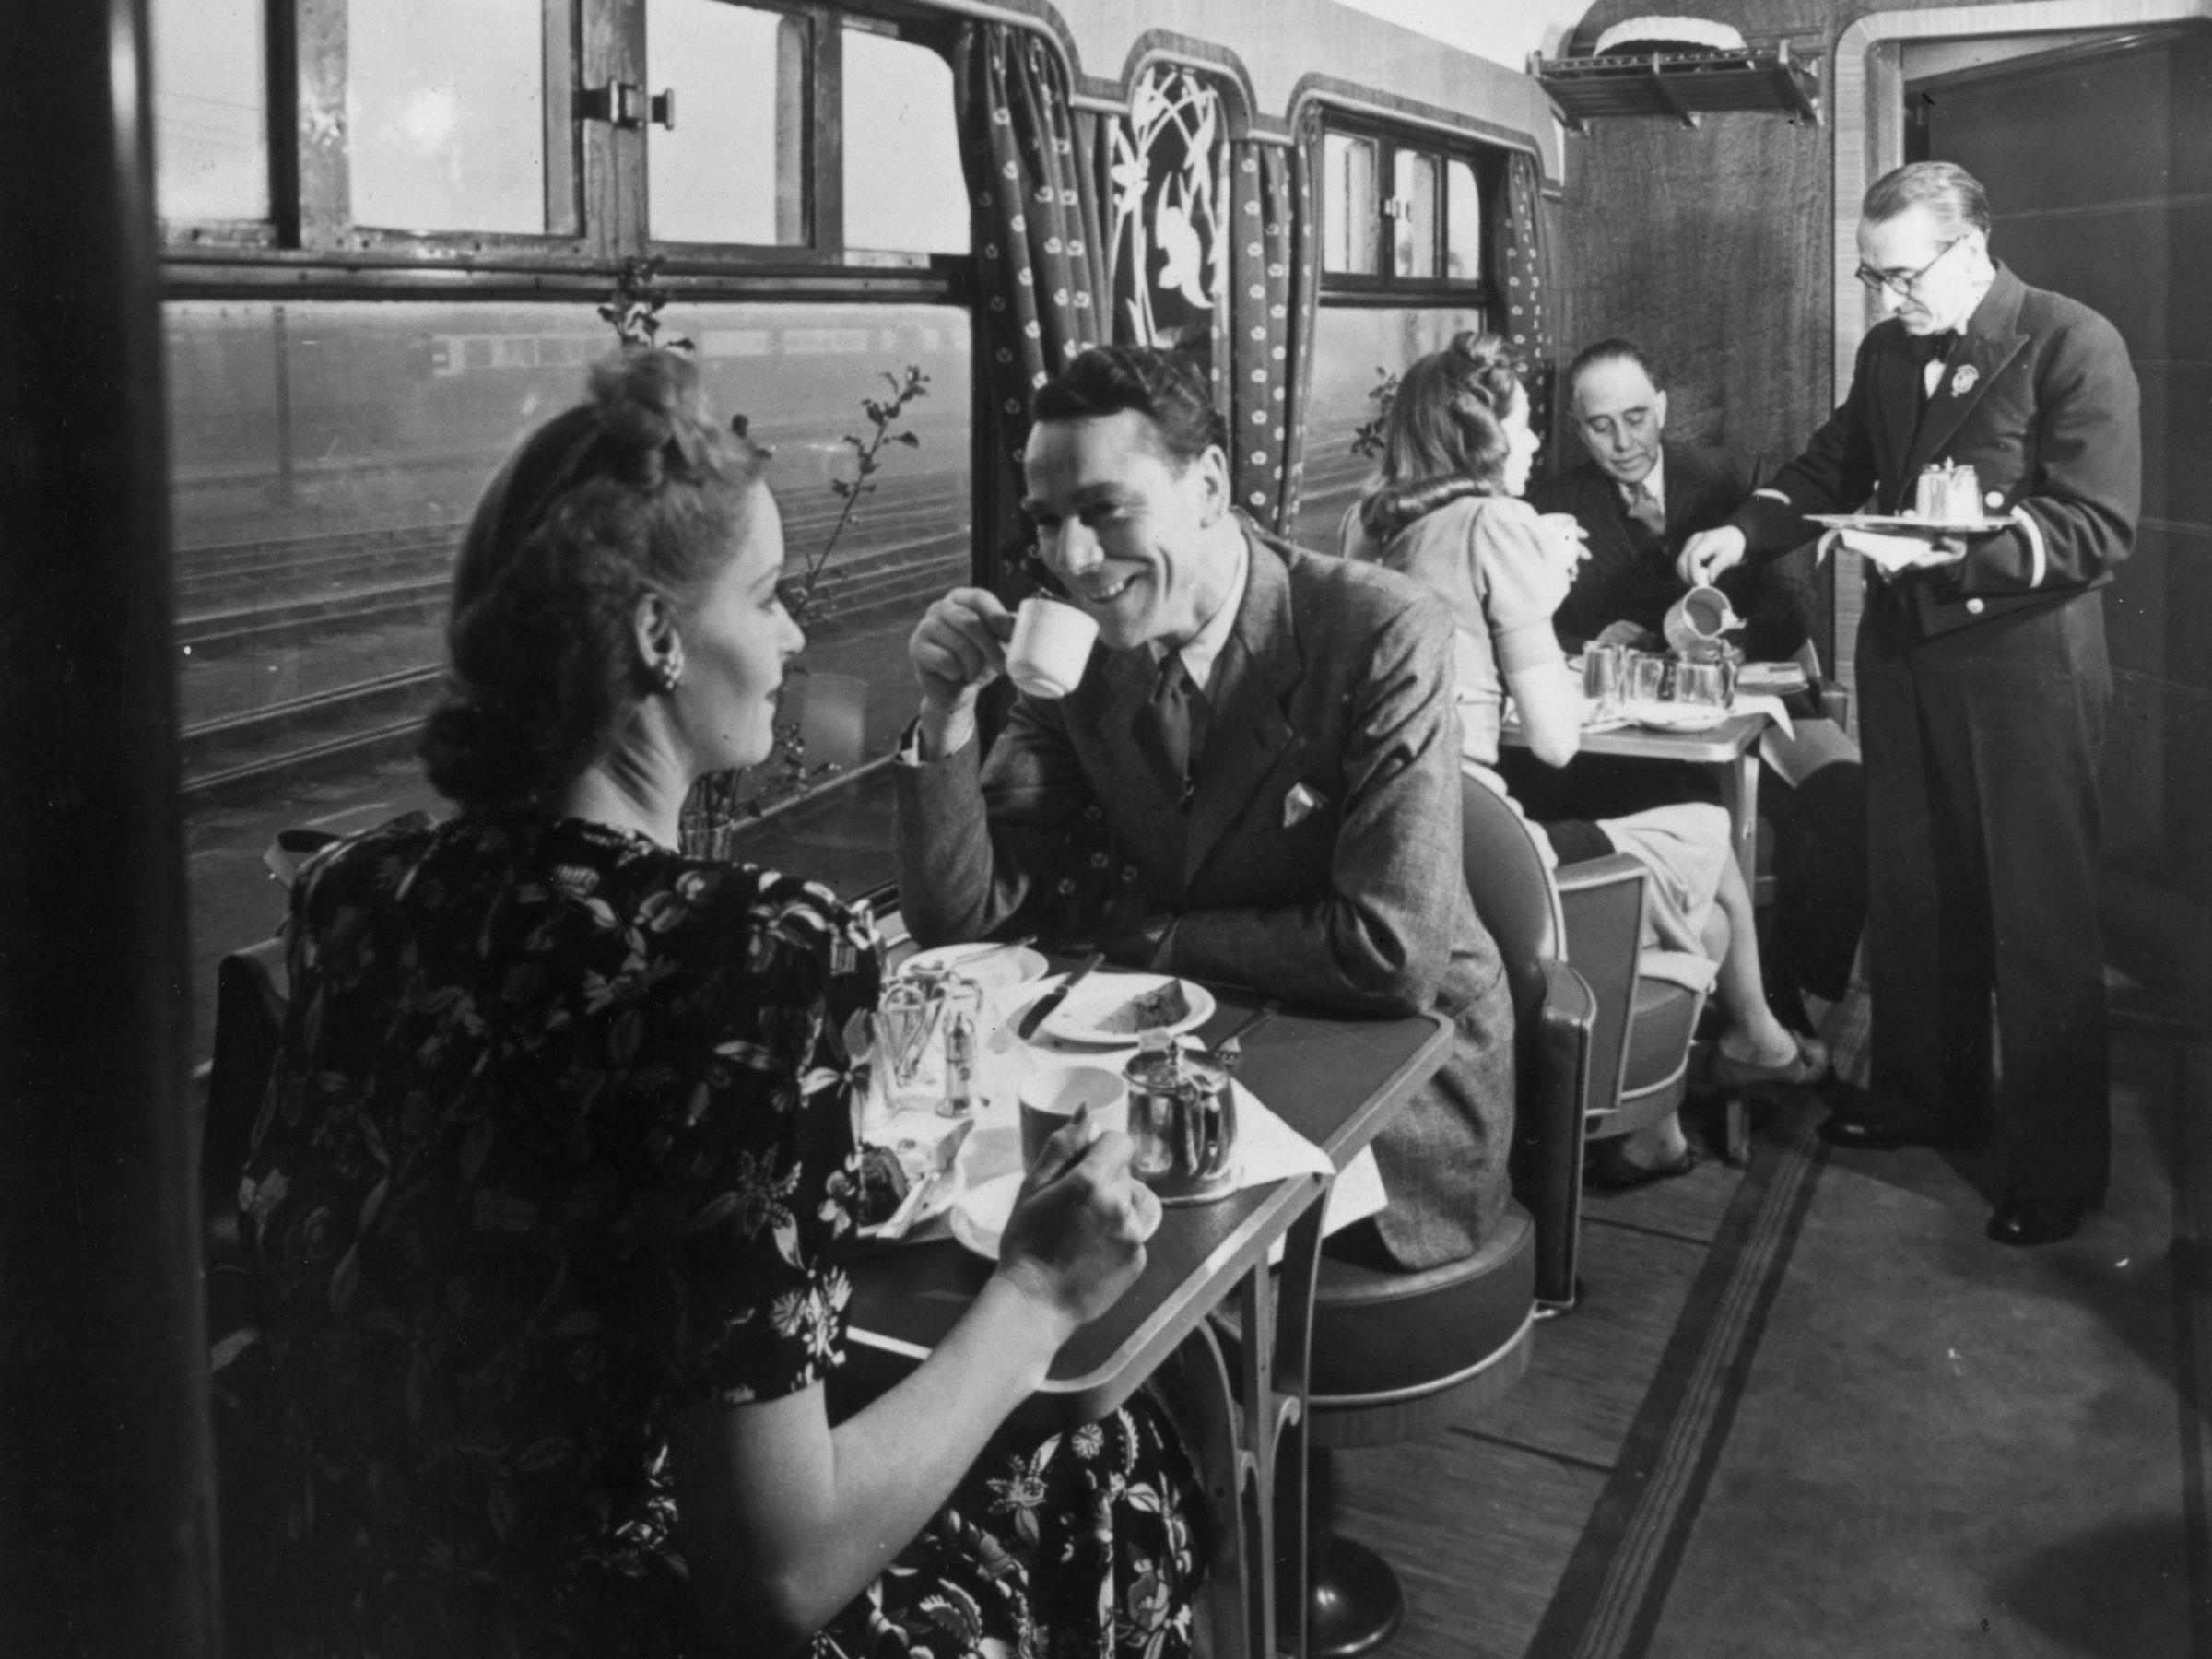 Imagini de epocă, care arată farmecul călătoriei cu trenul în trecut! Eleganța la superlativ